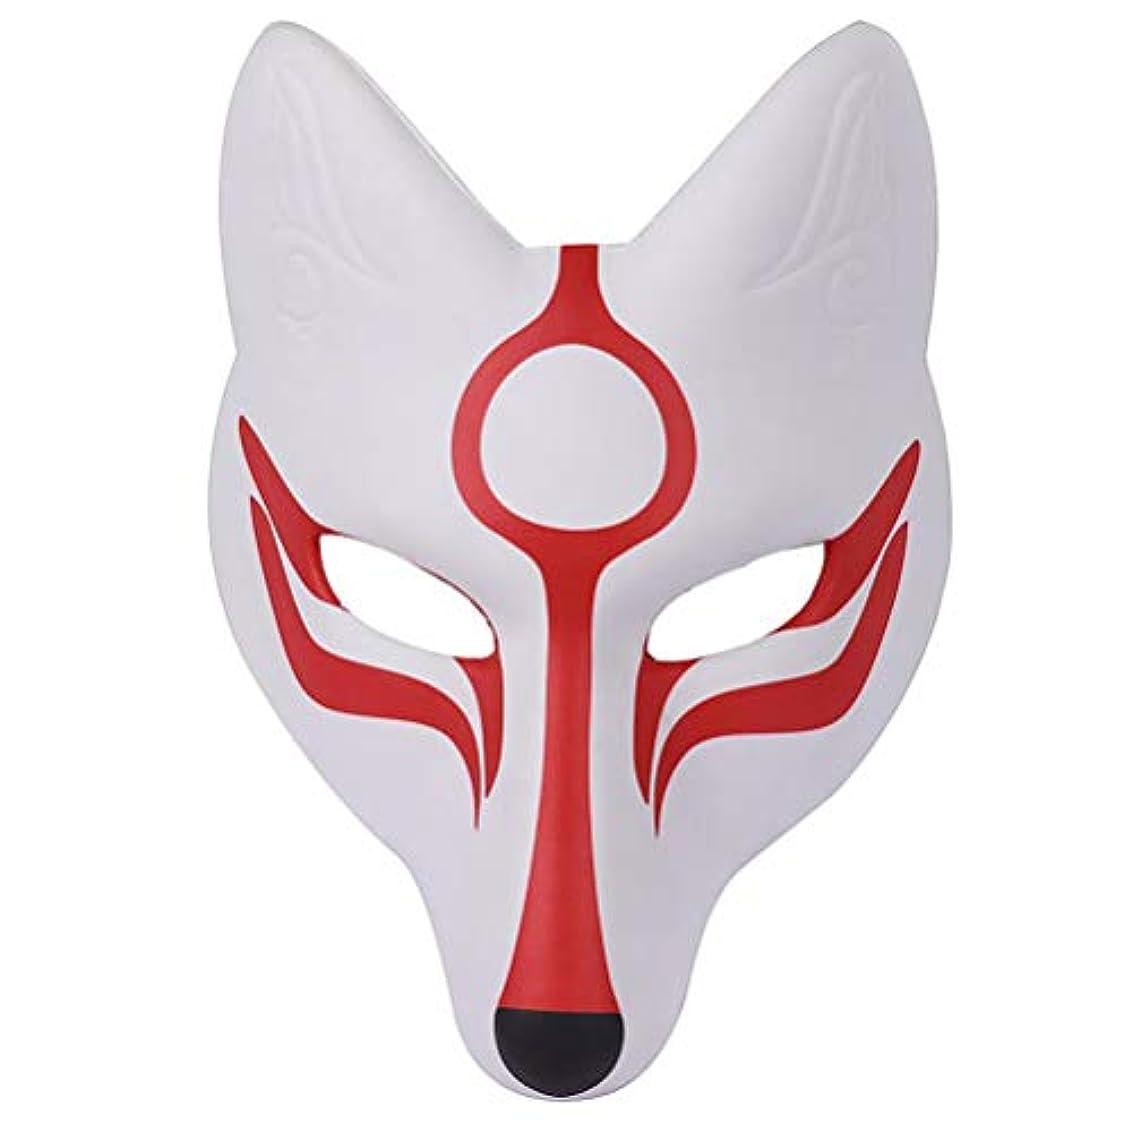 陰気アラーム注入するAMOSFUN フォックスマスク日本歌舞伎きつねマスク用男性女性子供ハロウィーン仮装衣装プロップ